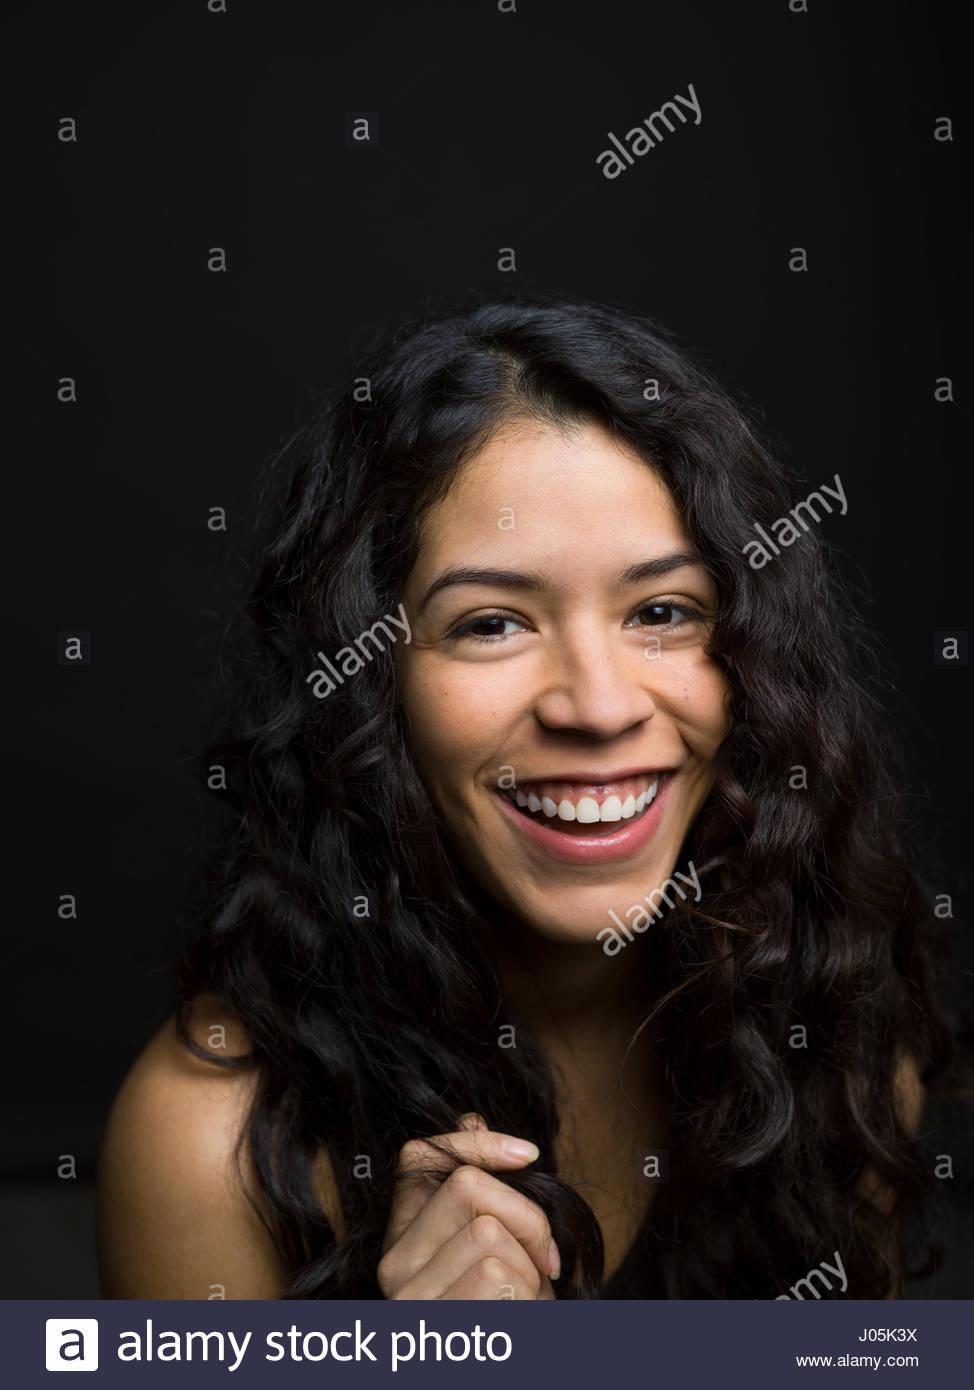 Latina black facial